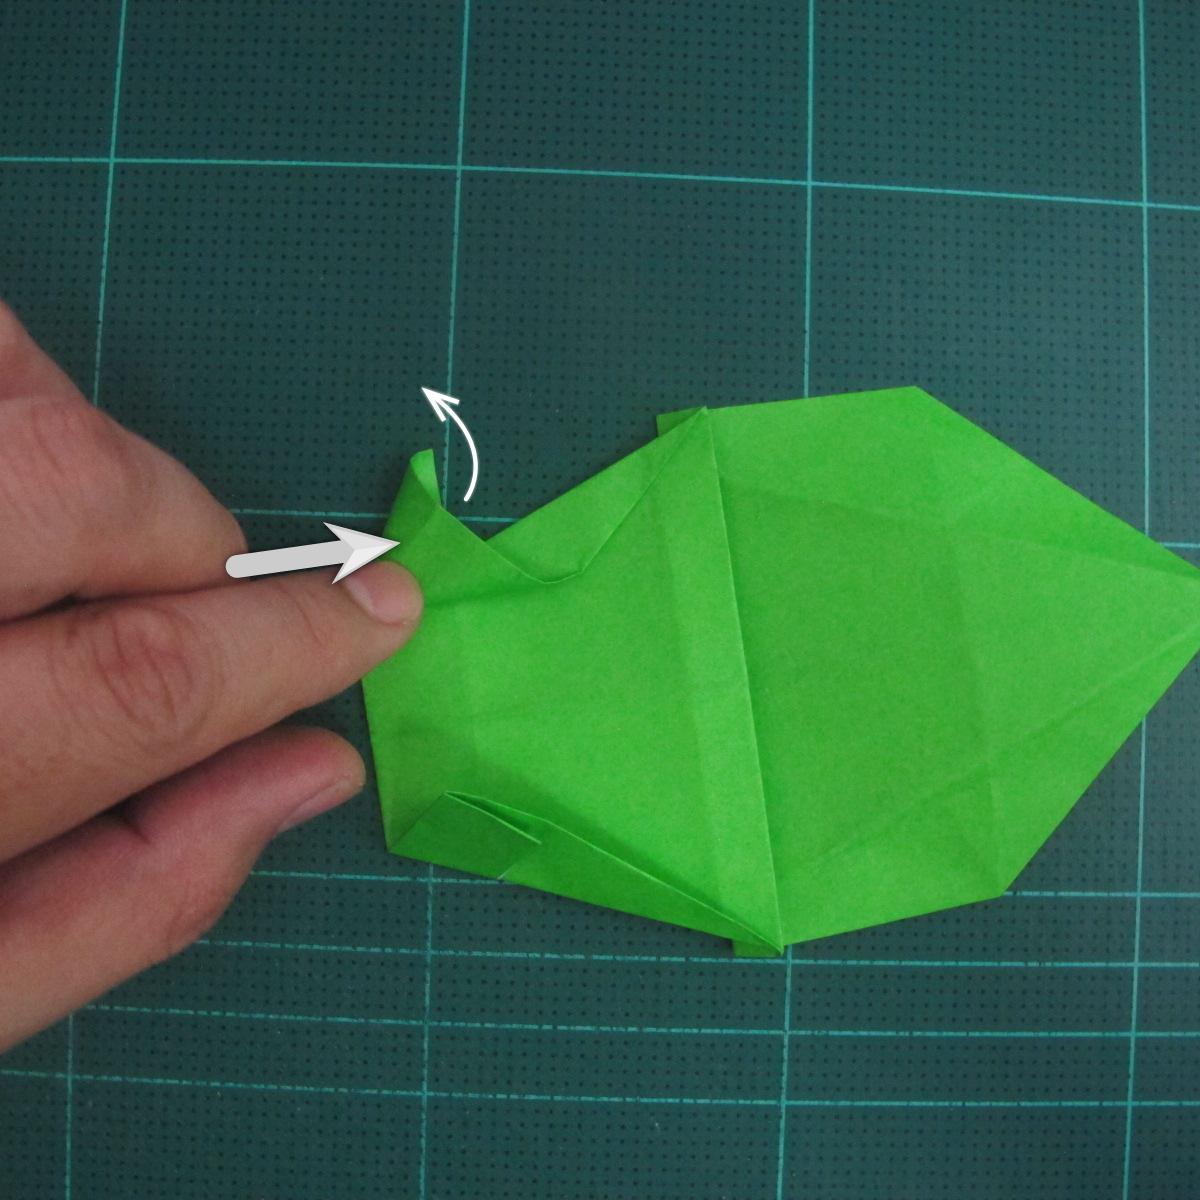 การพับกระดาษเป็นรูปแรด (Origami Rhino) 019